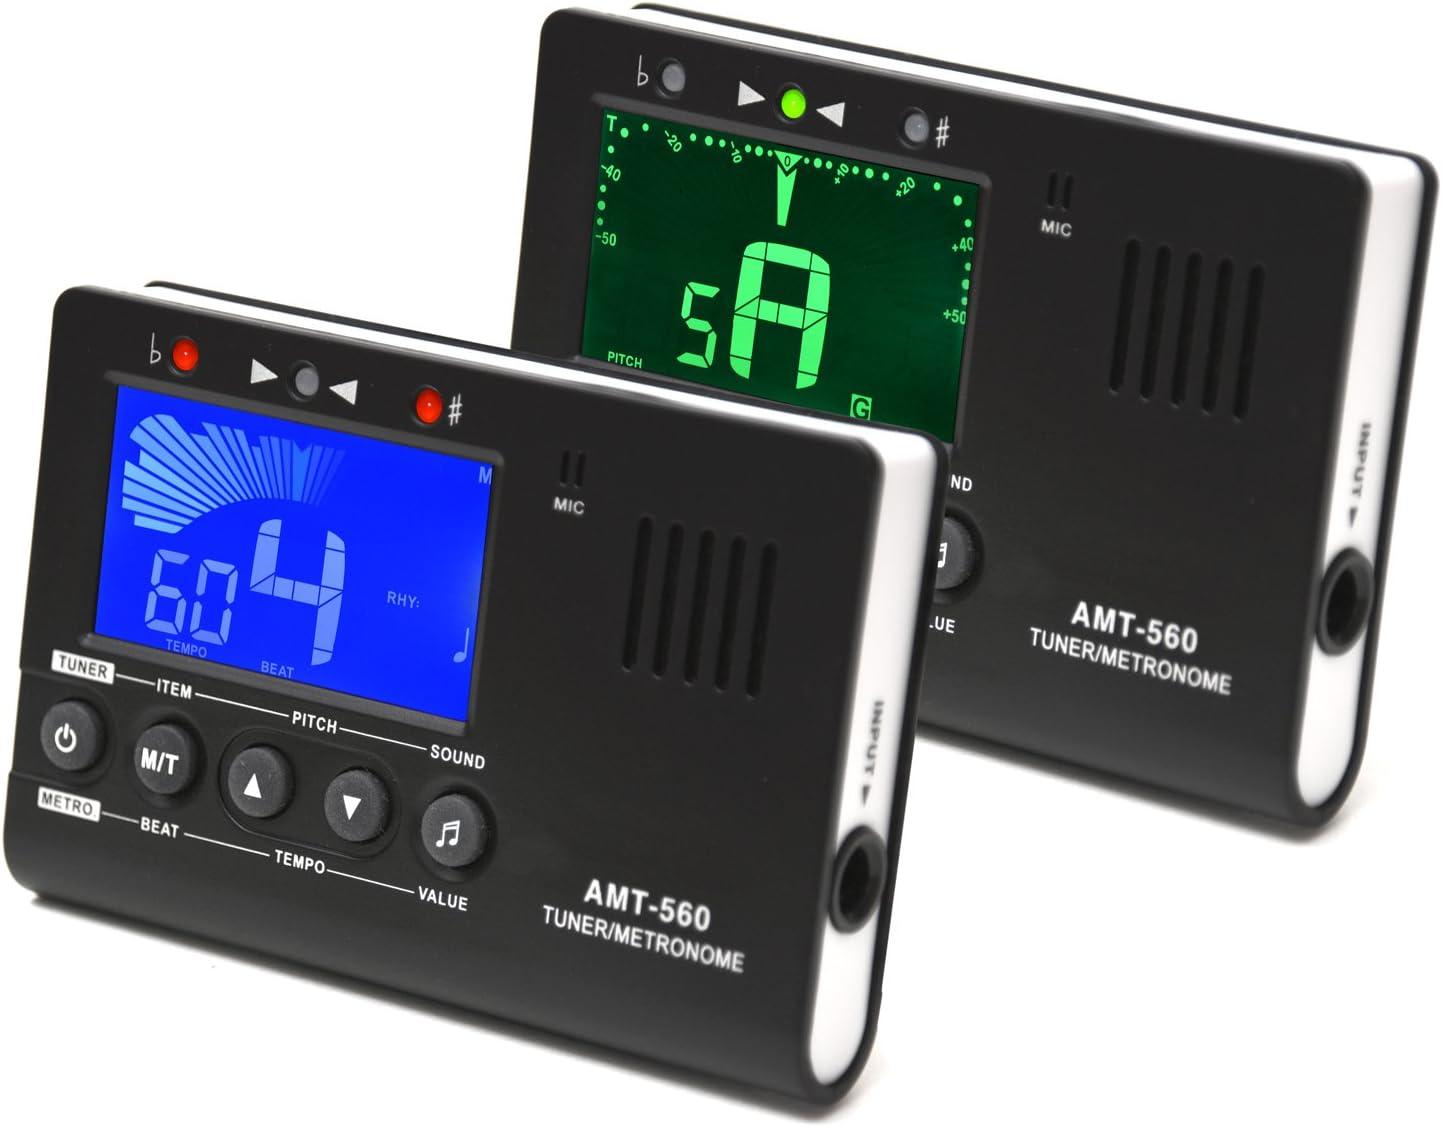 Elagon afinador + metrónomo (AMT-560T) Generador de notas Afinador para todos los instrumentos eléctricos y acústicos. 4 Opciones de afinación: Conexión de instrumento, de enganche tipo clip, afinació